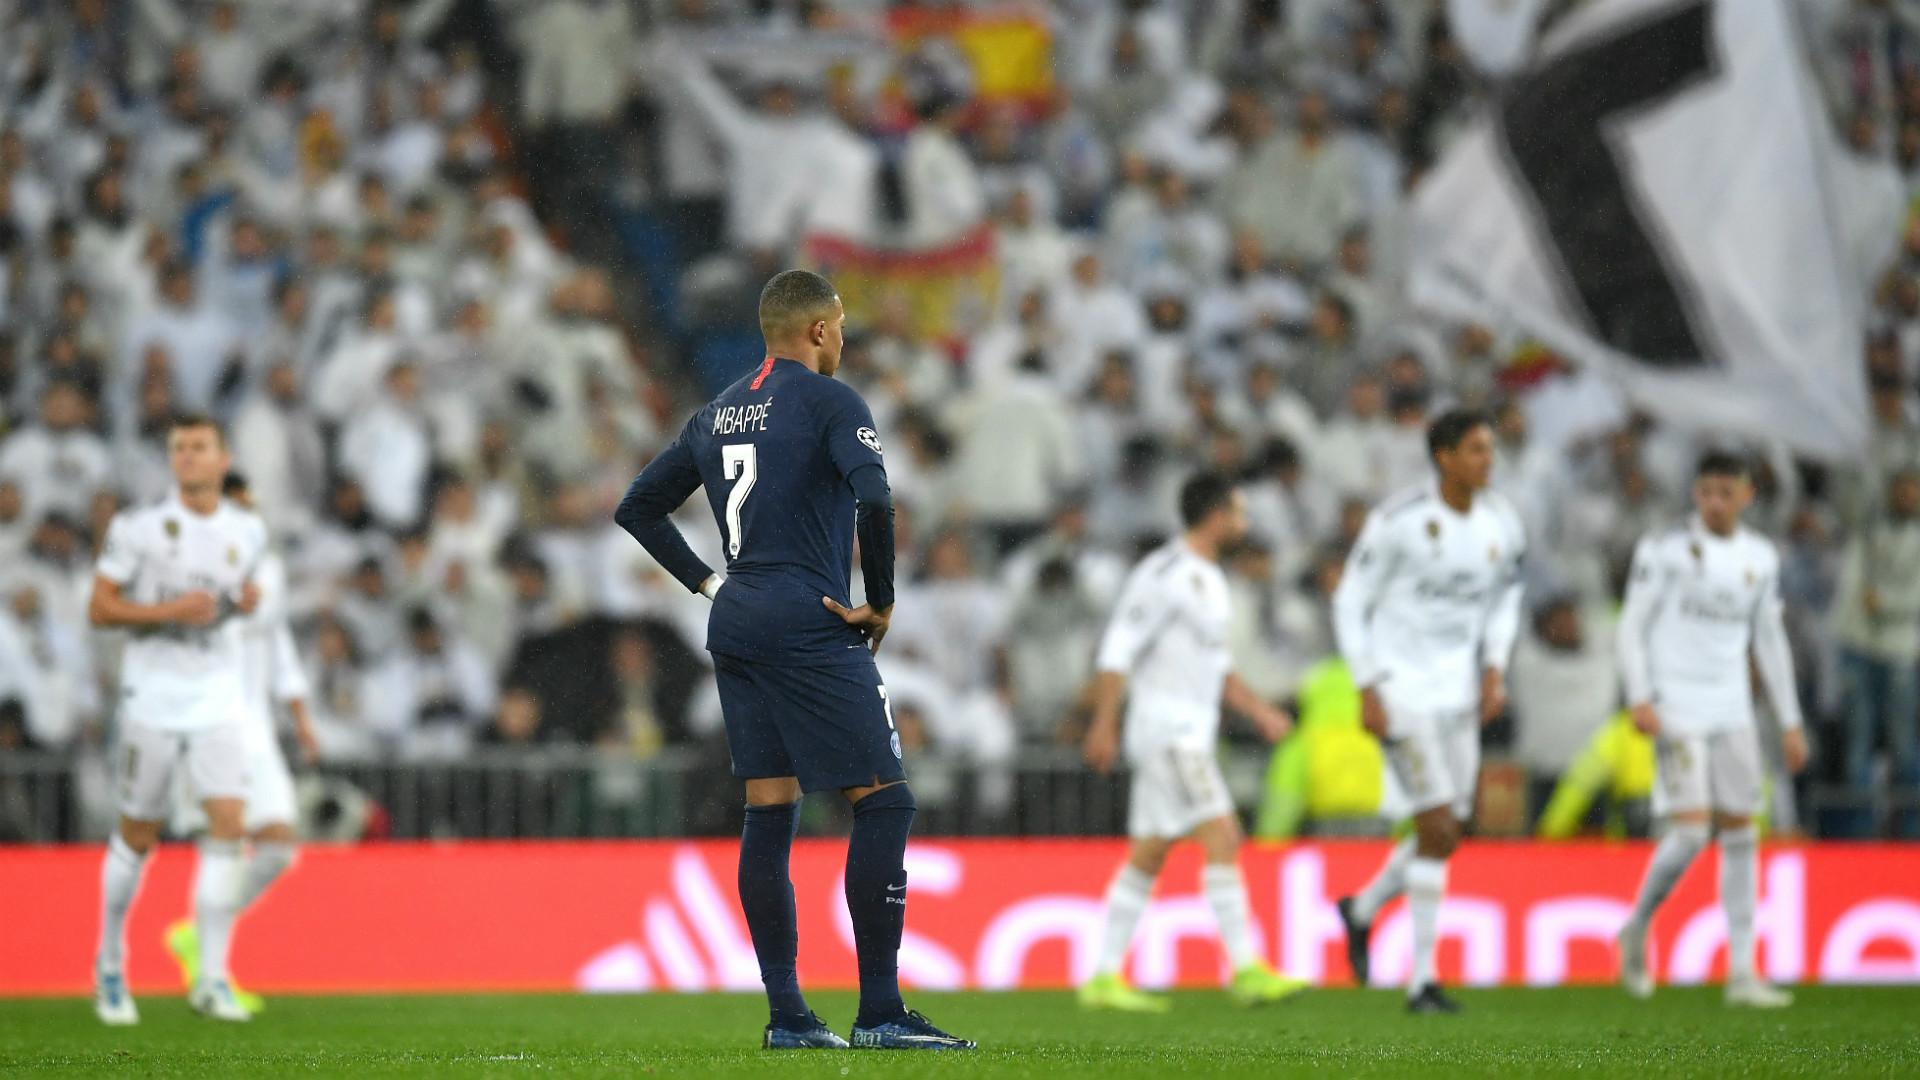 Mercato - Perez refroidit tout le monde pour le transfert de Mbappé au Real Madrid